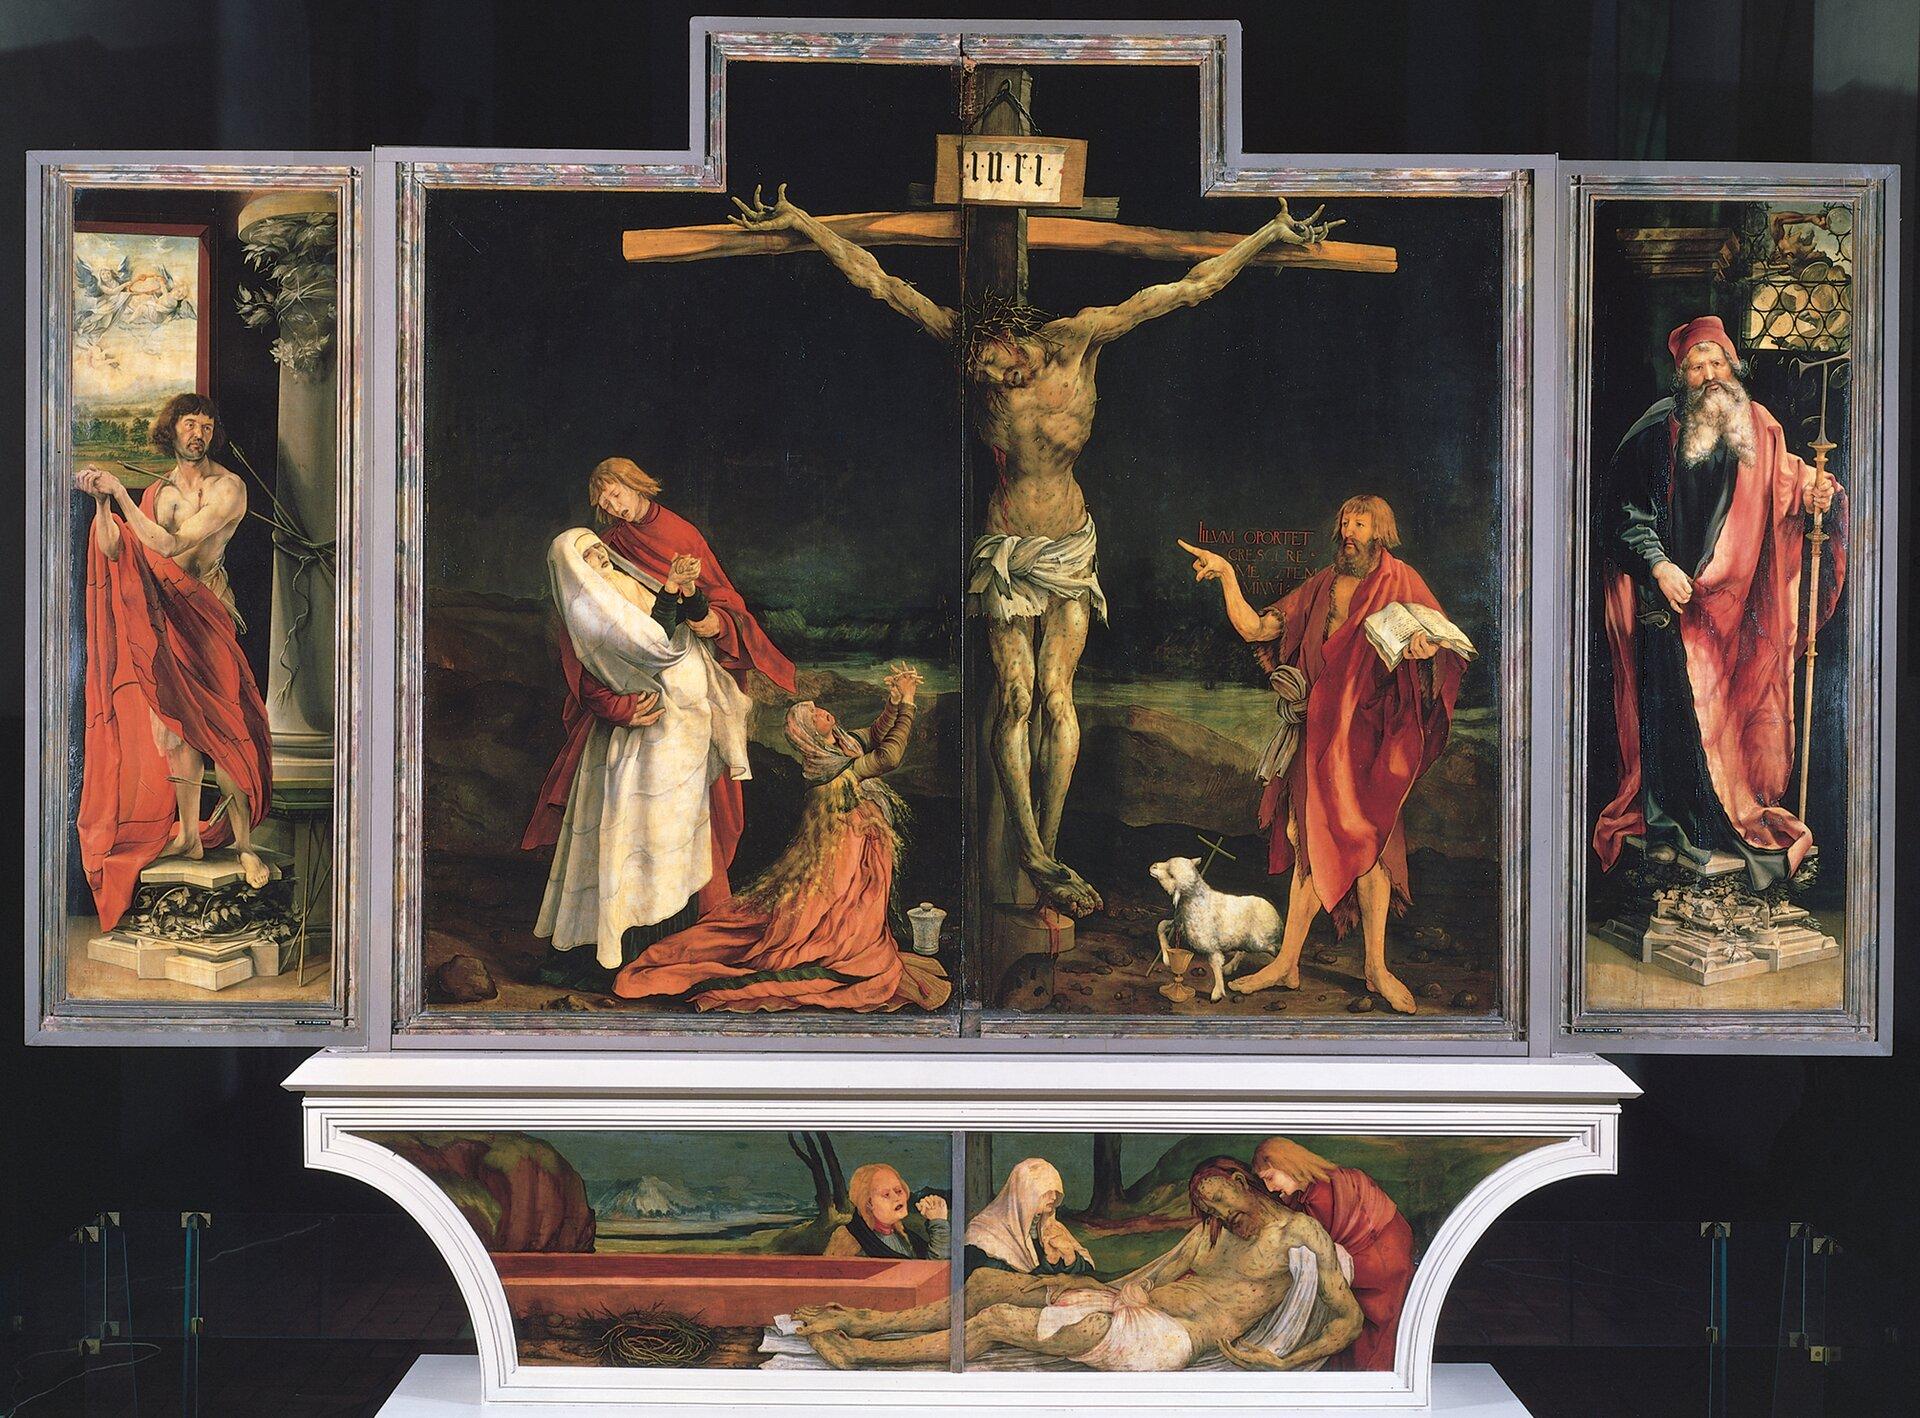 Ołtarz zIsenheim (Francja) Źródło: Matthias Grünewald, Ołtarz zIsenheim (Francja), 1506–1515, domena publiczna.